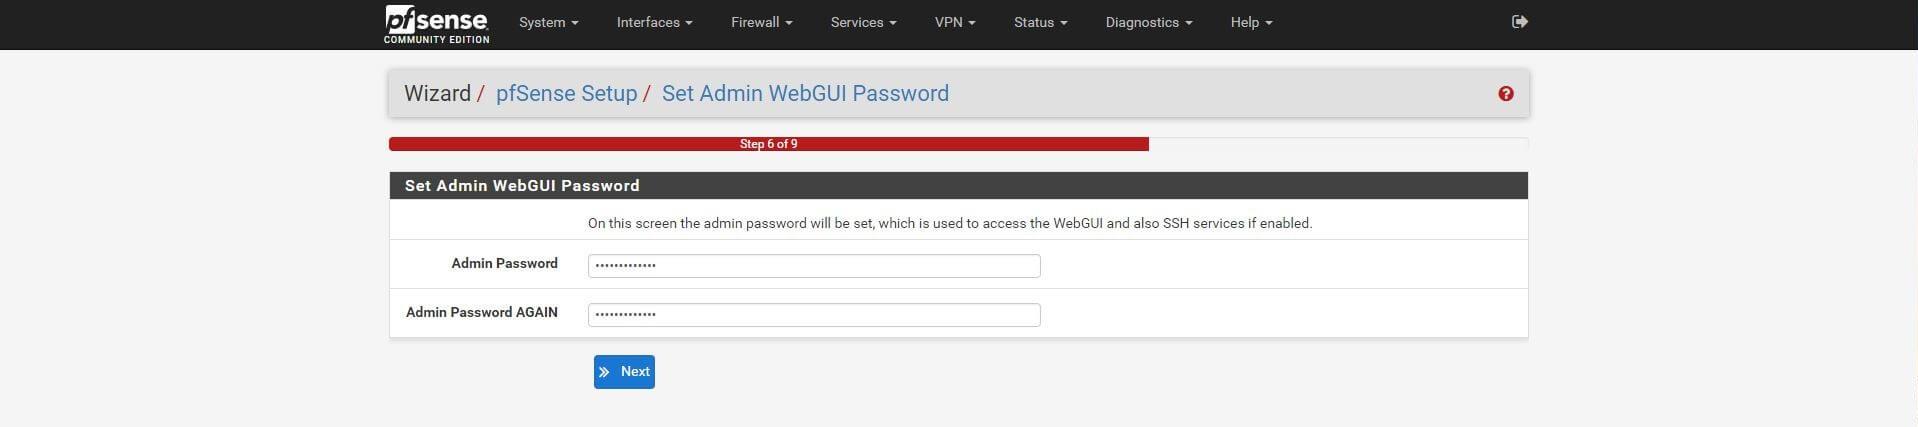 Cambio del password de 'admin'